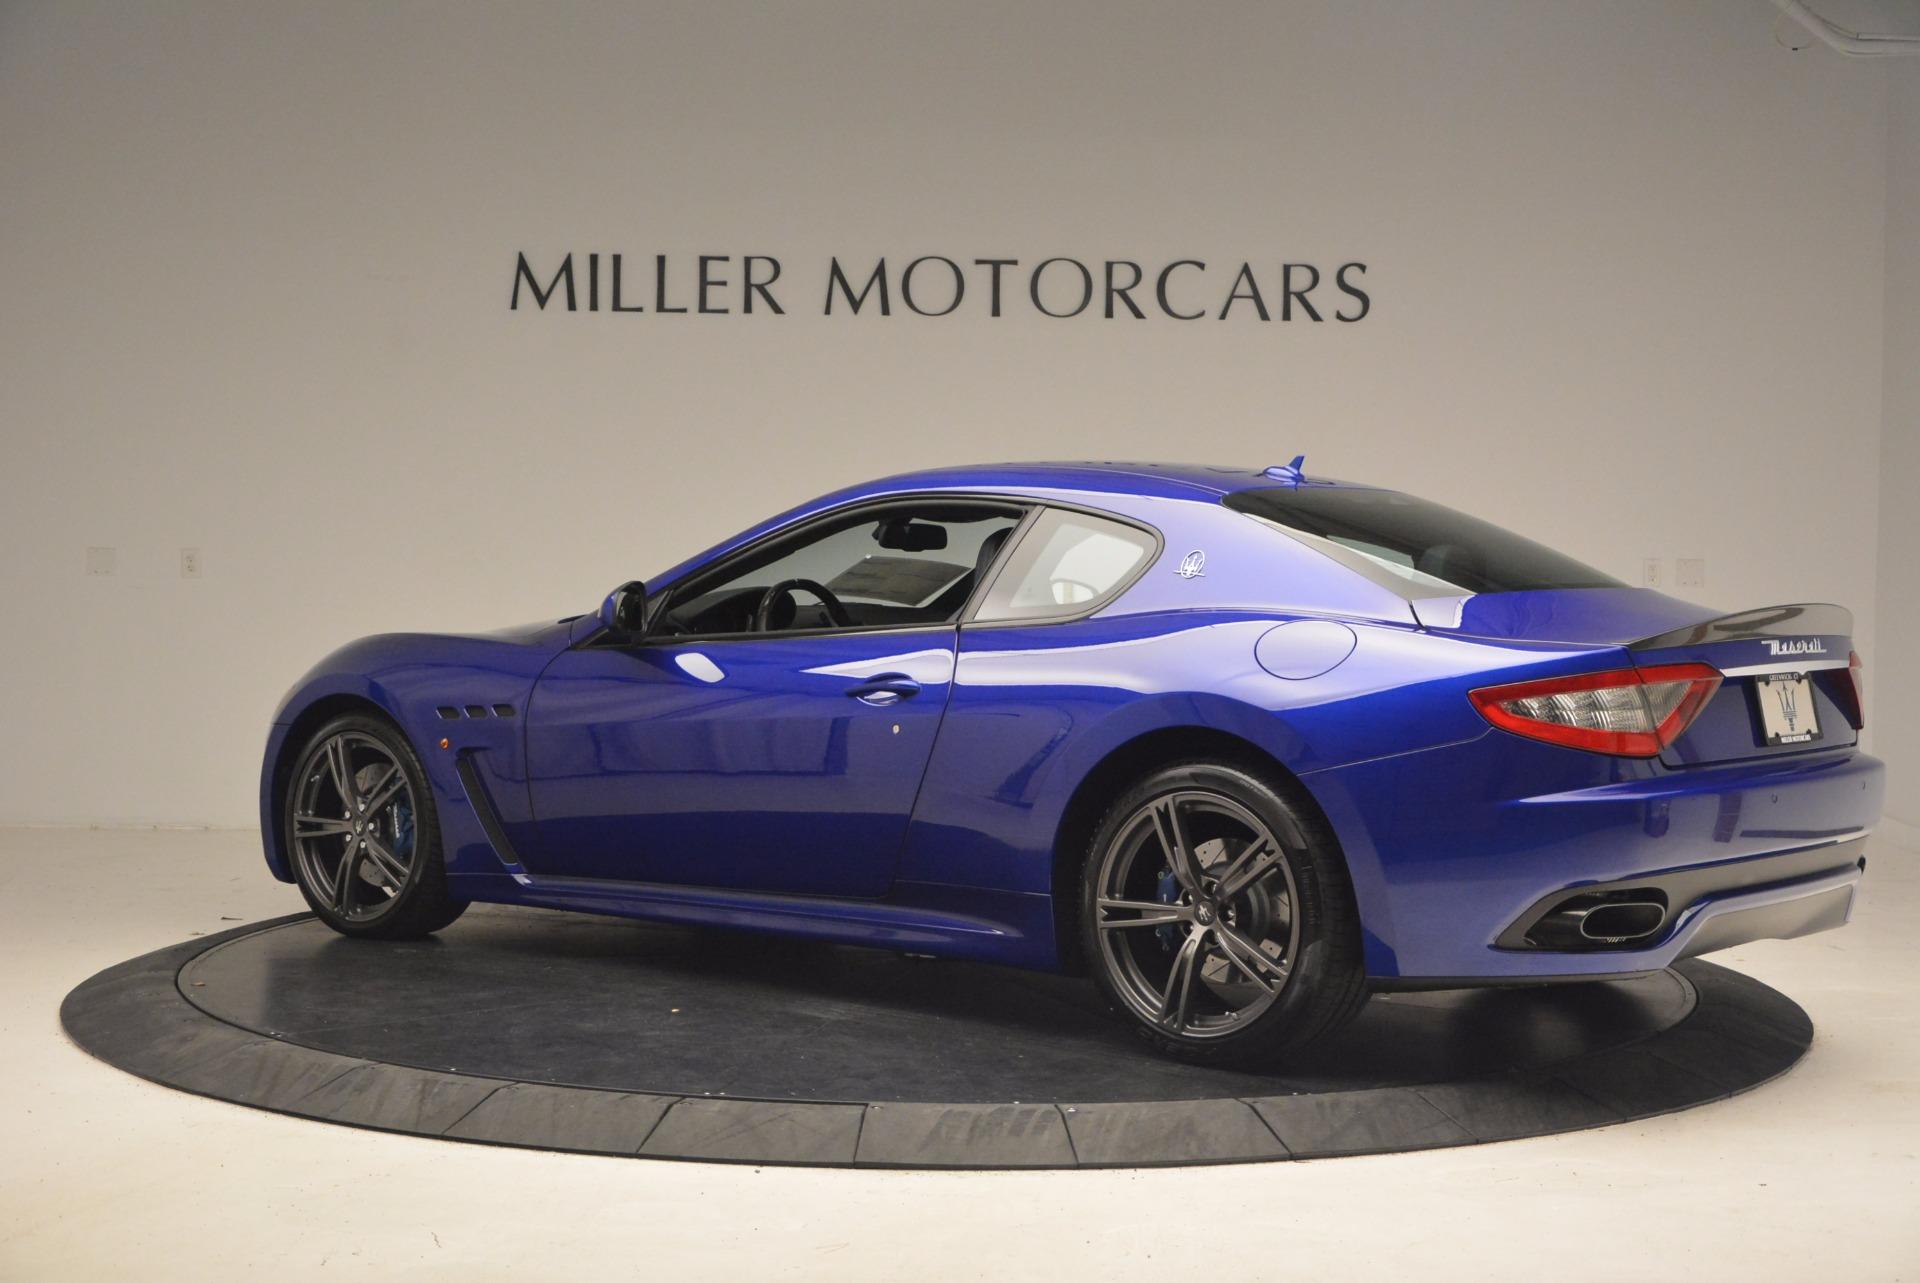 New 2017 Maserati GranTurismo Sport Coupe Special Edition For Sale 0 In Greenwich, CT